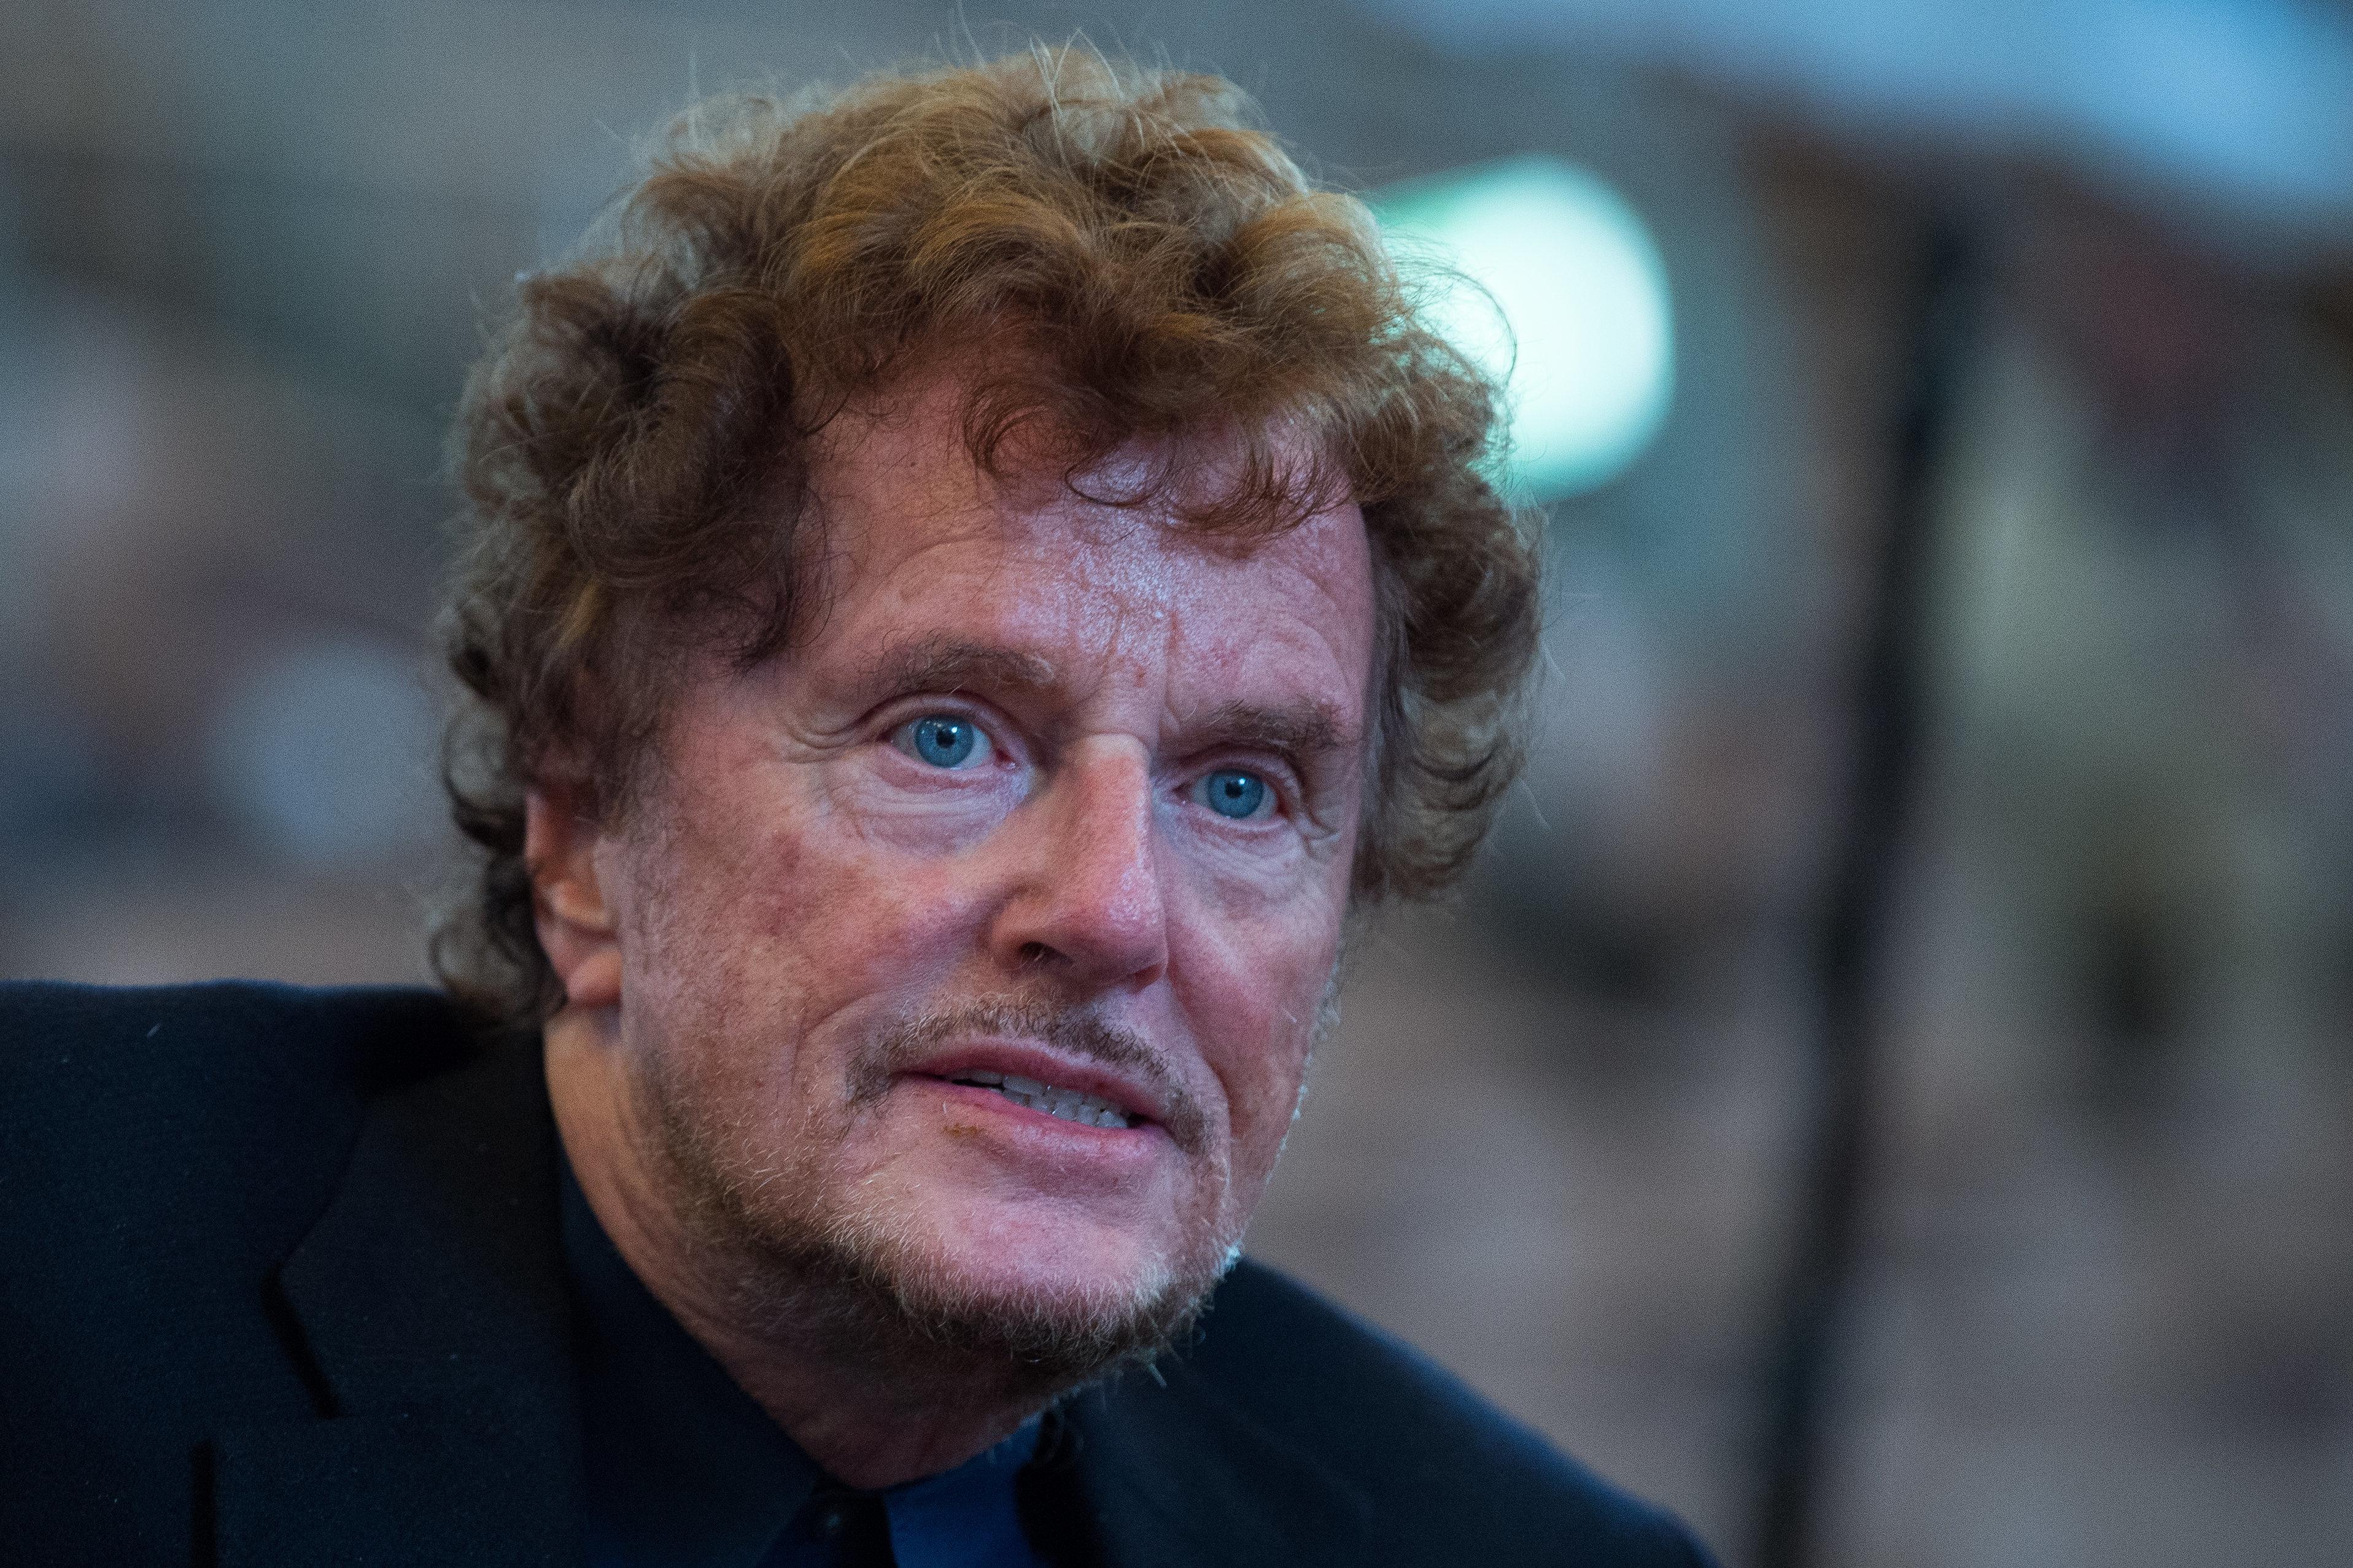 Top-News To Go: Mehrere Schauspielerinnen werfen Regisseur Dieter Wedel sexuelle Belästigung vor